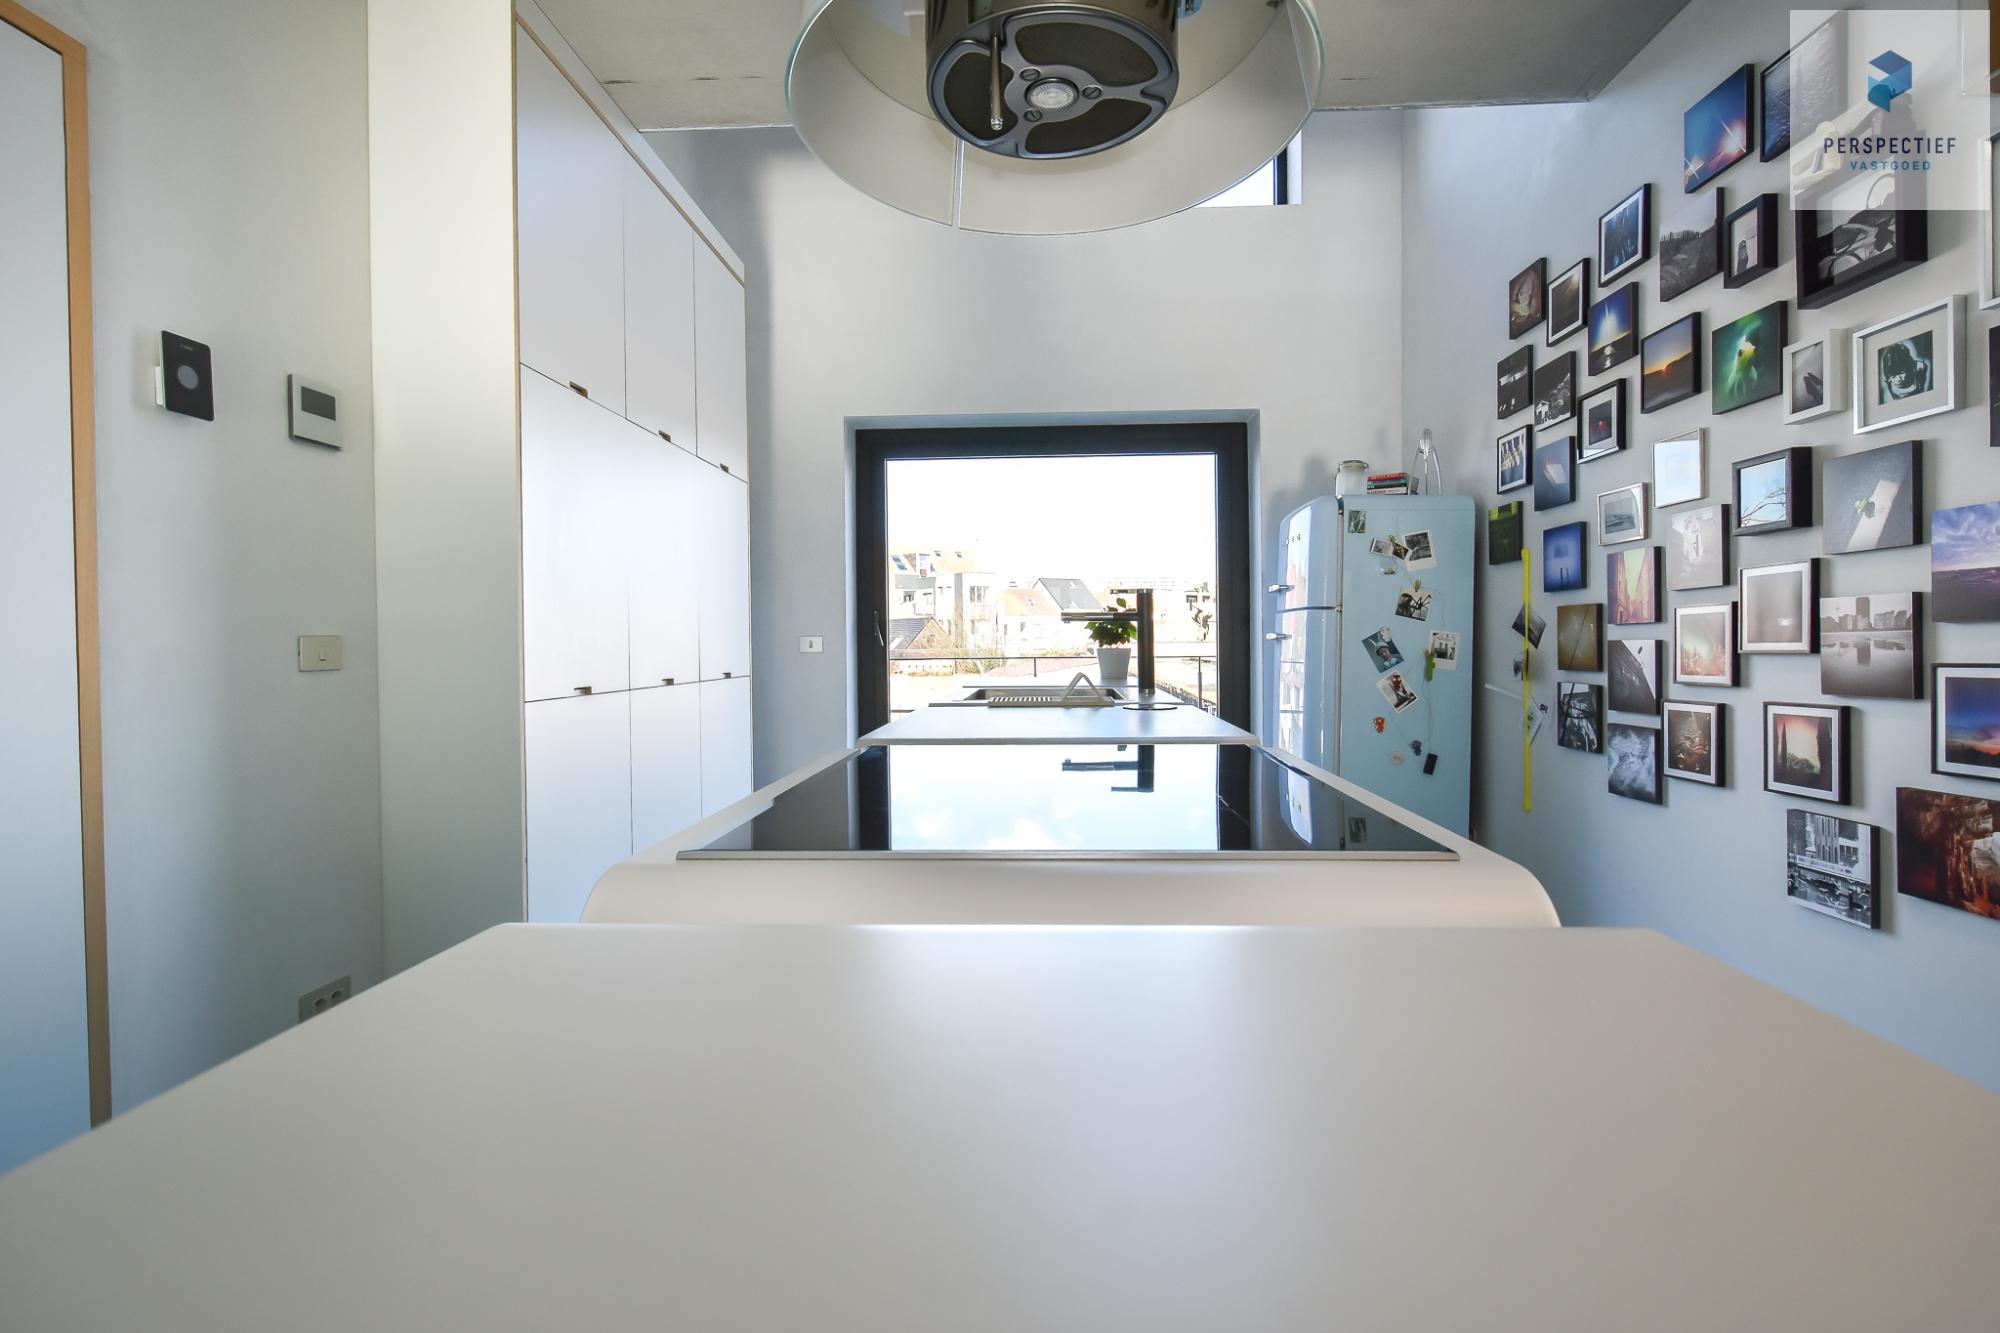 Ruime moderne architectenwoning en kantoor (bj 2018) met 3 verdiepingen, spectaculair dakterras en tuin - 4